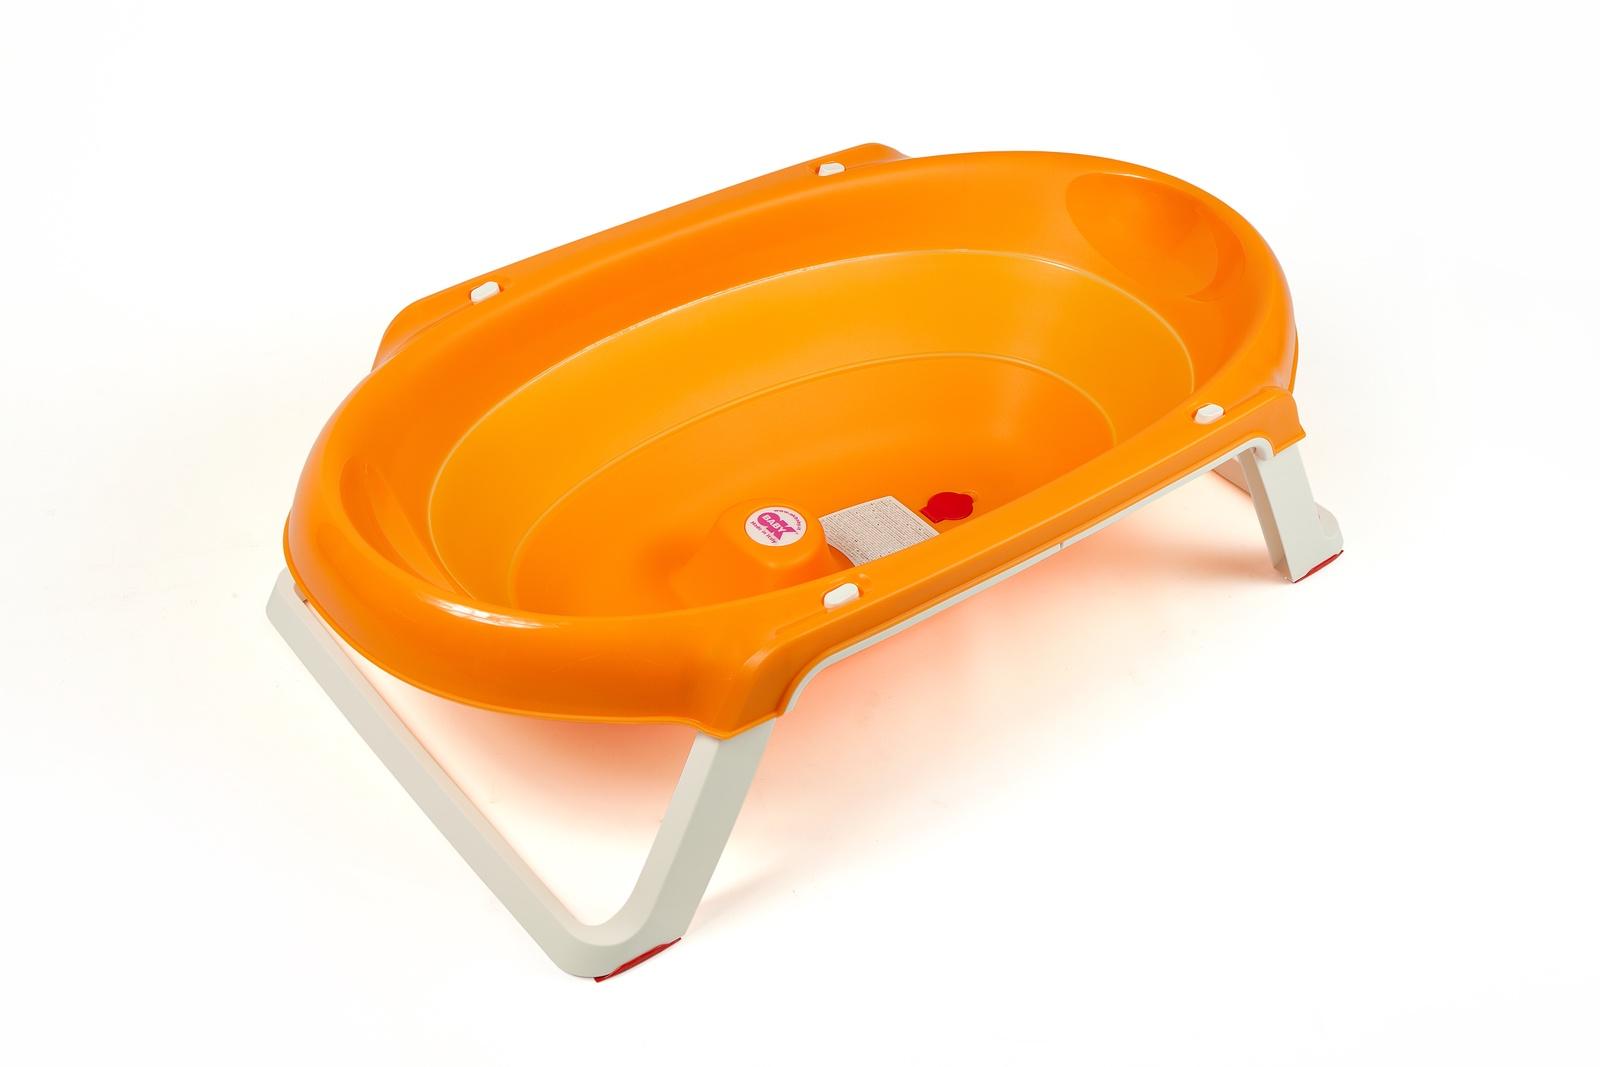 Детская ванна OK BABY ONDA оранжевый